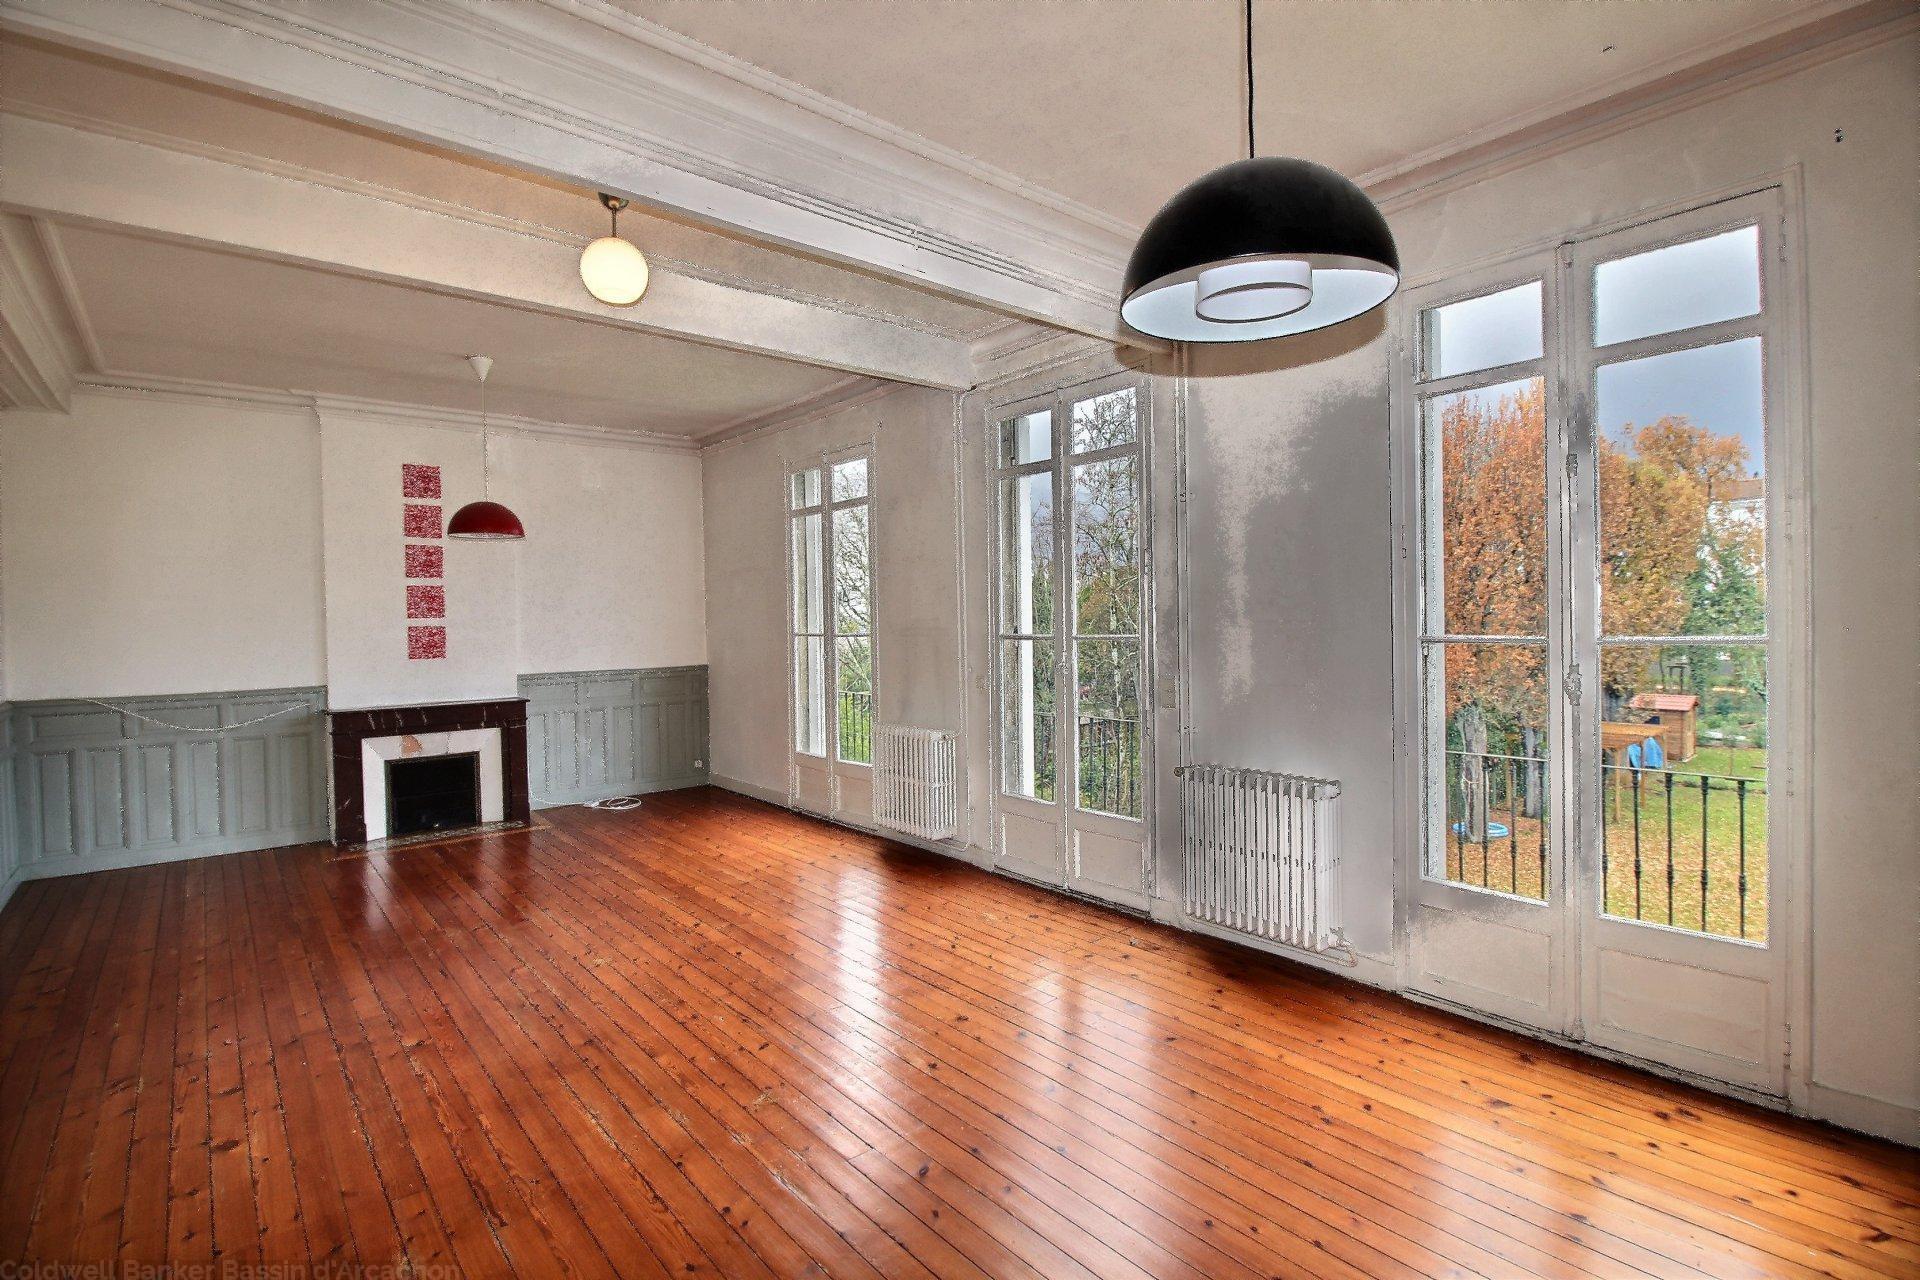 appartement 5 chambres vendre bordeaux entre barri re saint m dard et barri re du medoc. Black Bedroom Furniture Sets. Home Design Ideas